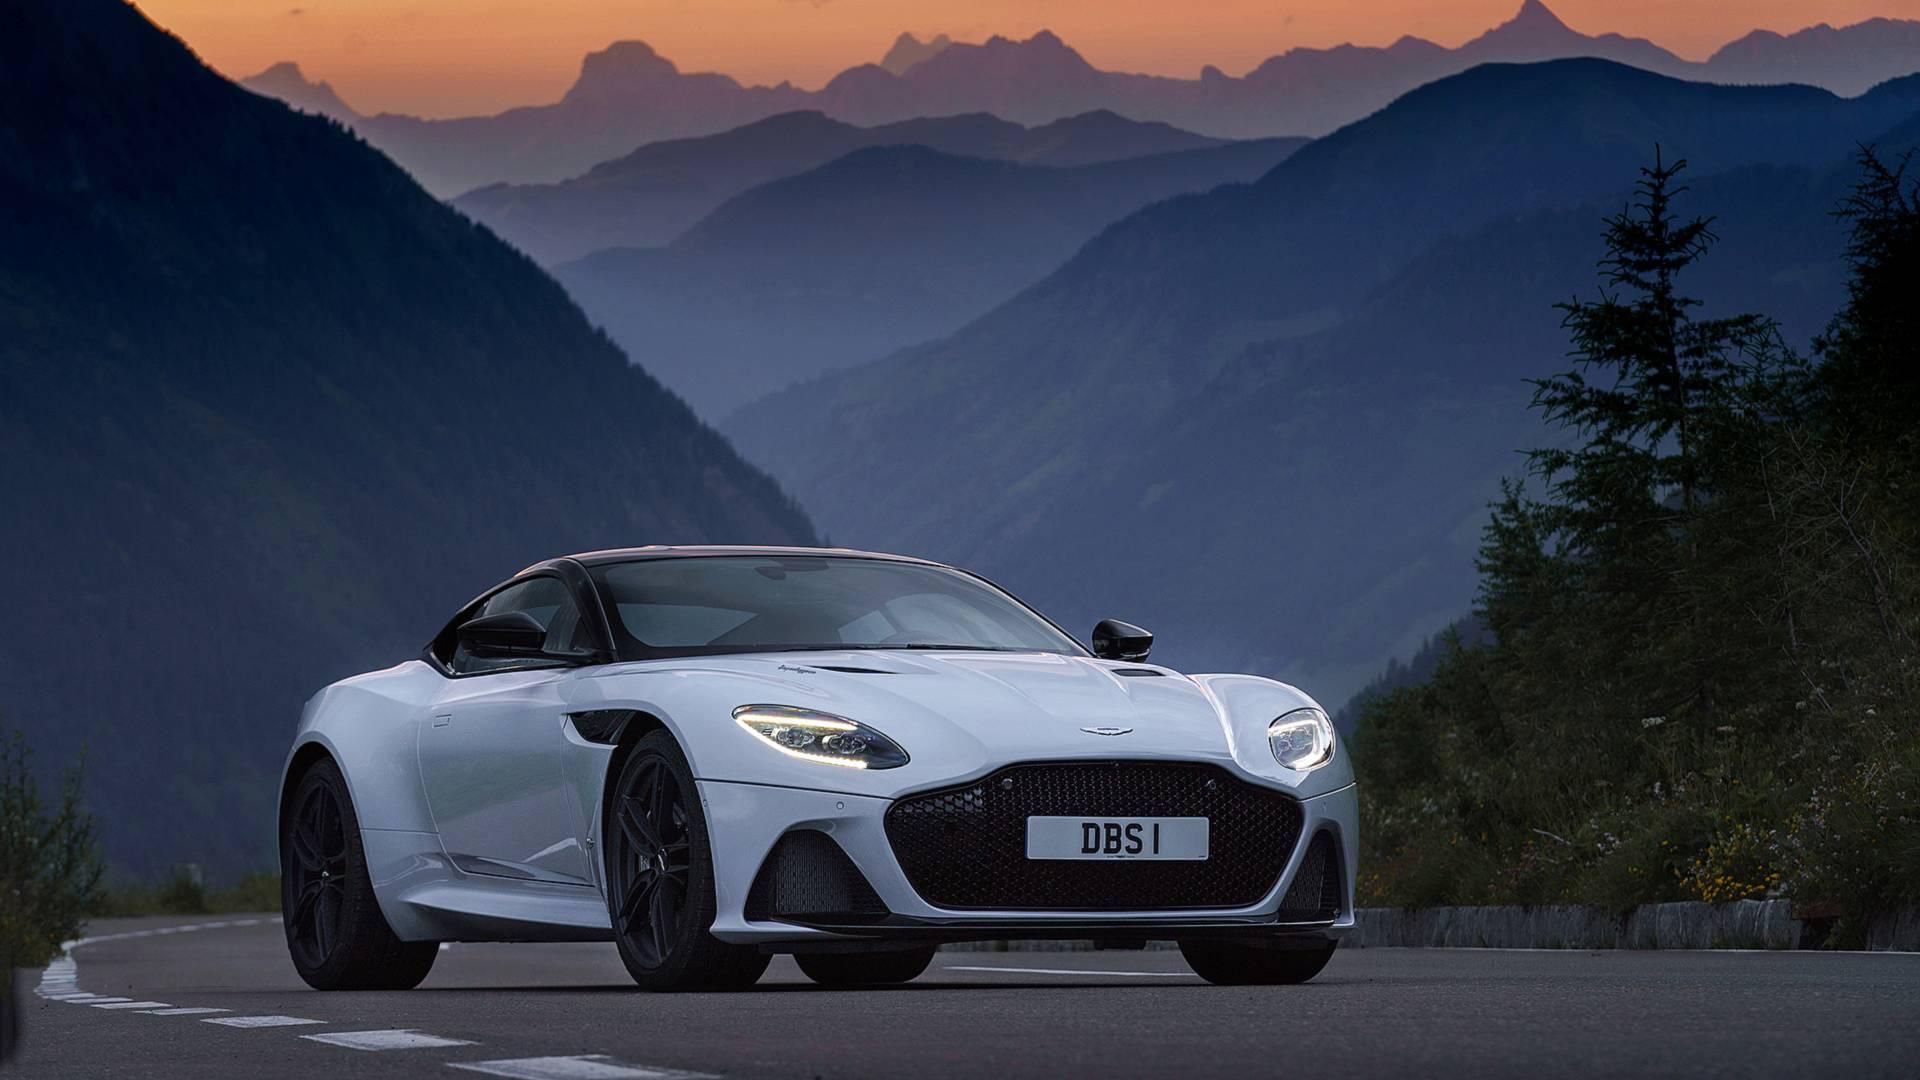 Šef Aston Martina veruje da će troškovi razvoja autonomne vožnje dovesti do još udruživanja automobilskih proizvođača